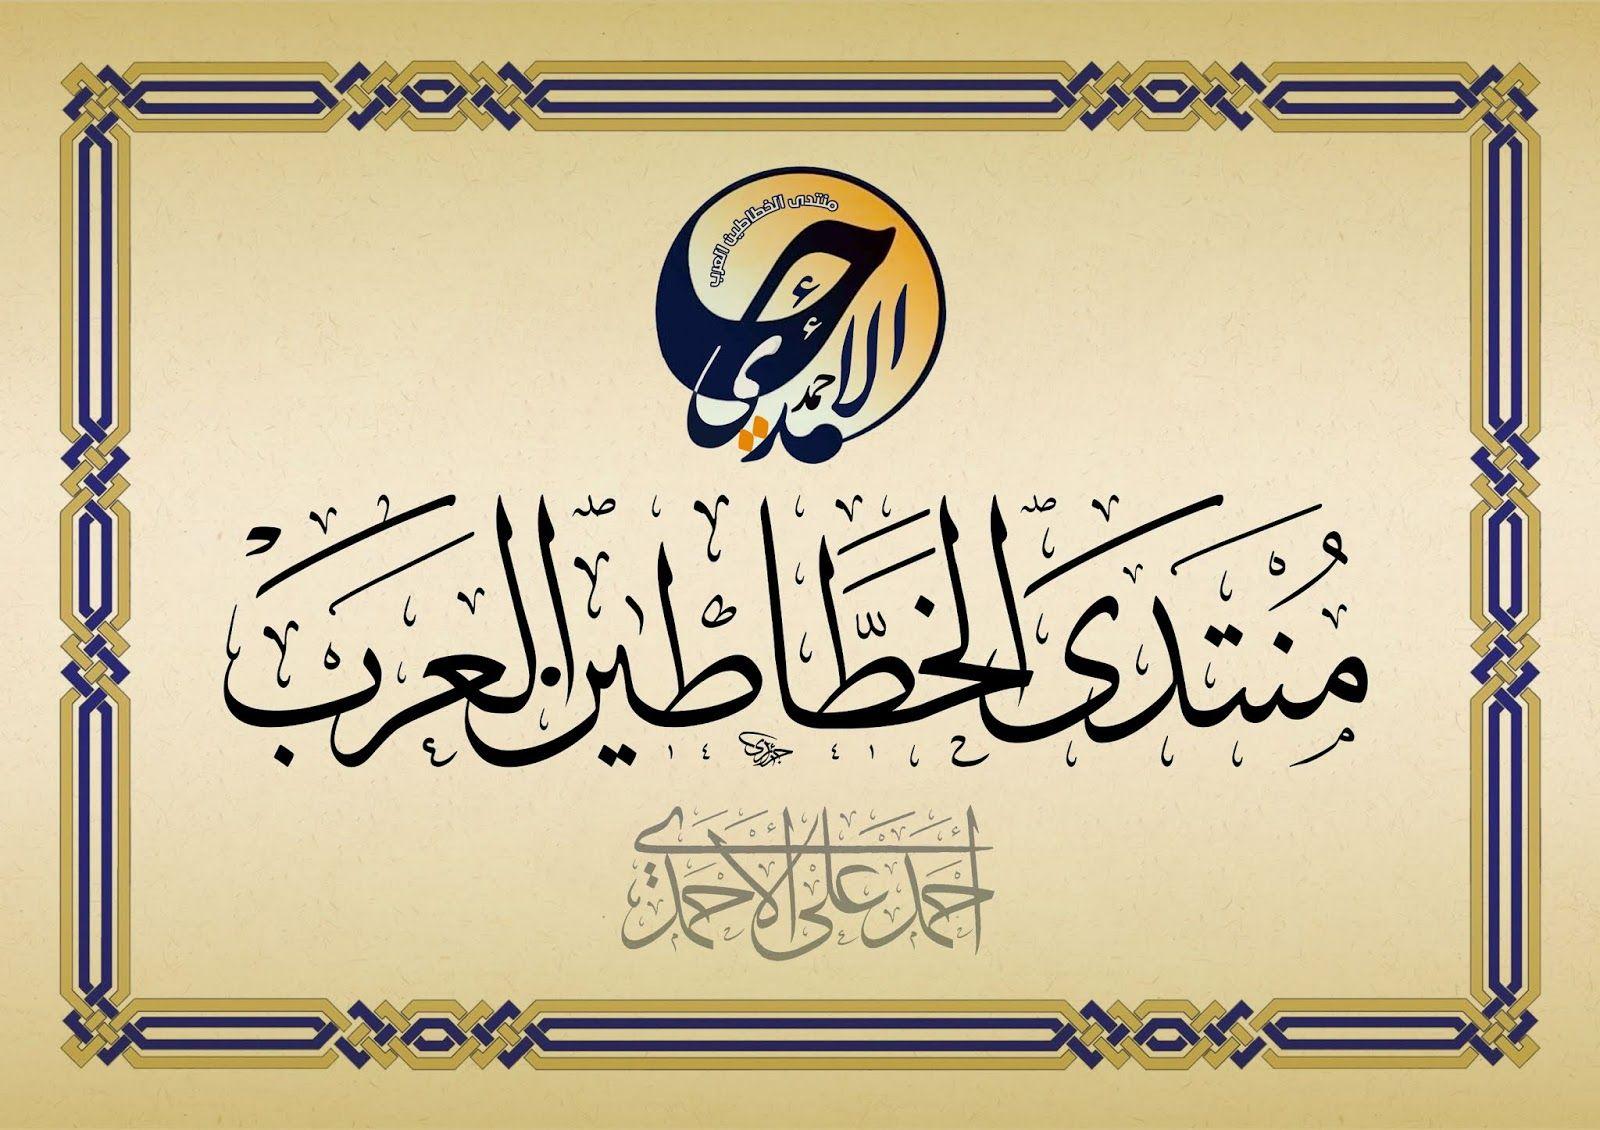 كراسة خط النسخ ل هاشم البغدادي رحمه الله Islamic Art Calligraphy Calligraphy Islamic Art